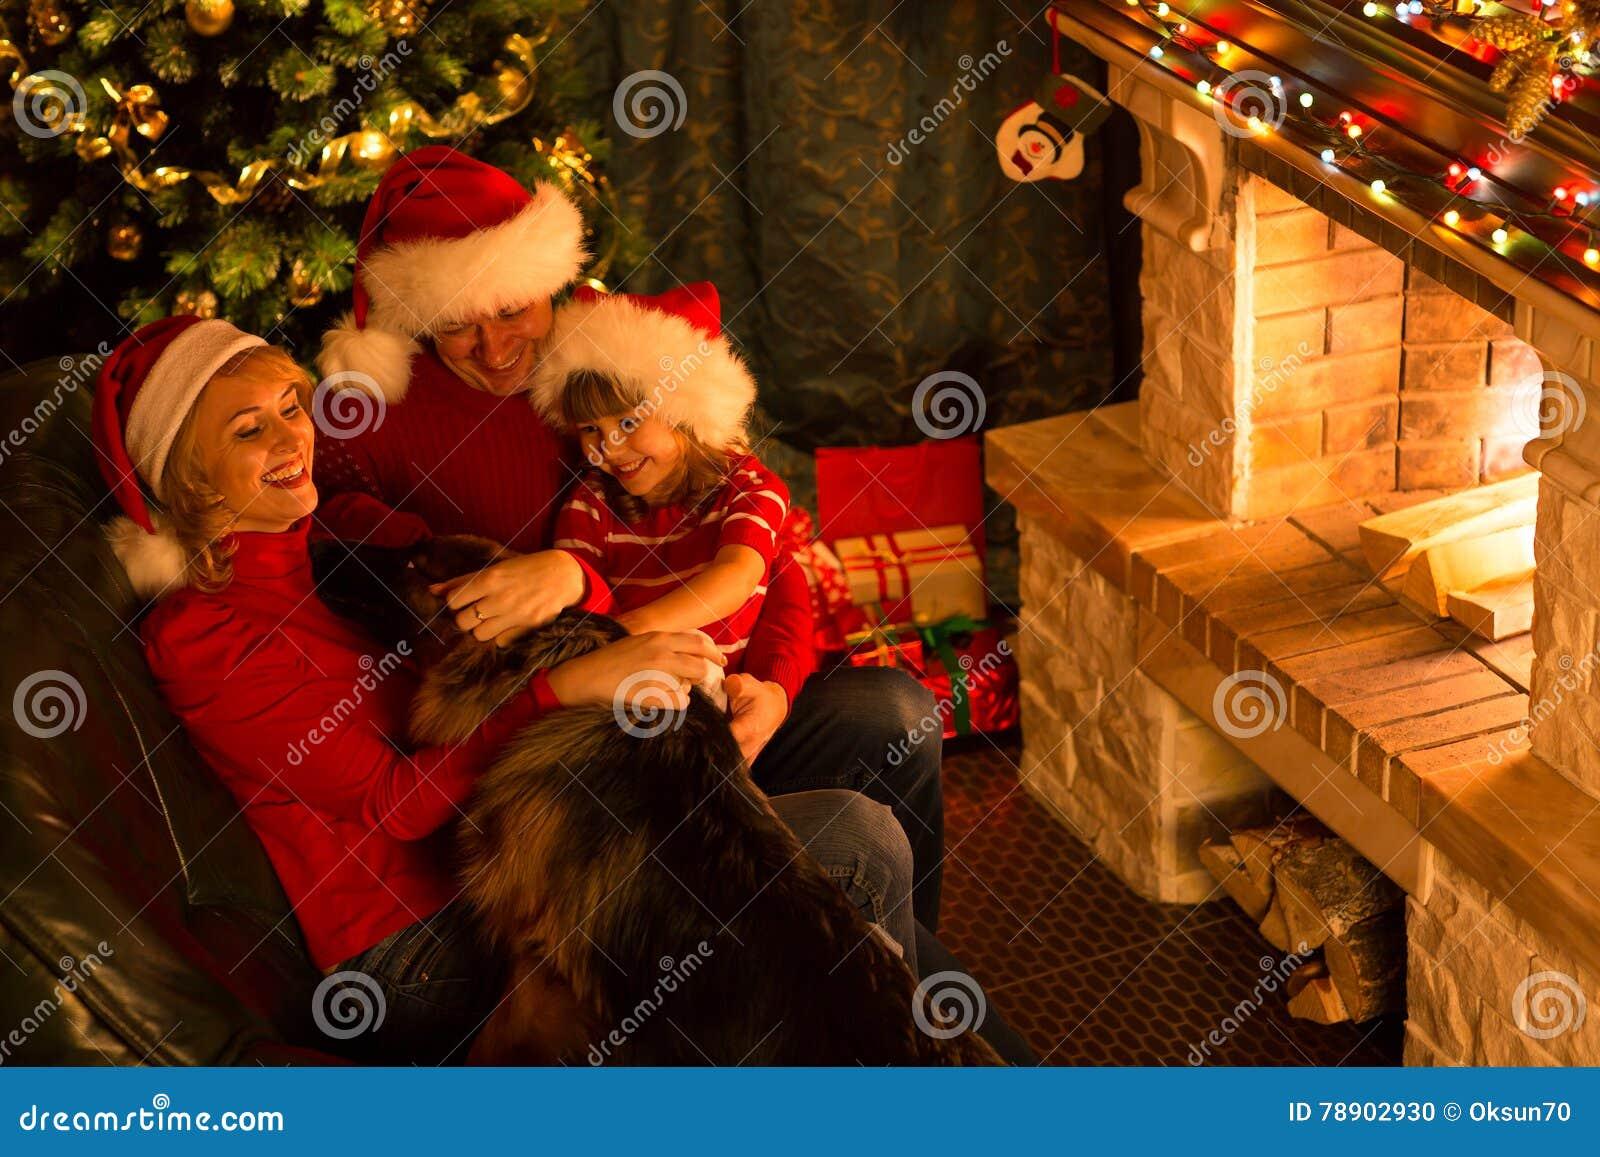 新年好 使用与他们的狗的家庭在圣诞节欢乐装饰的客厅 宠物,人们,假日概念